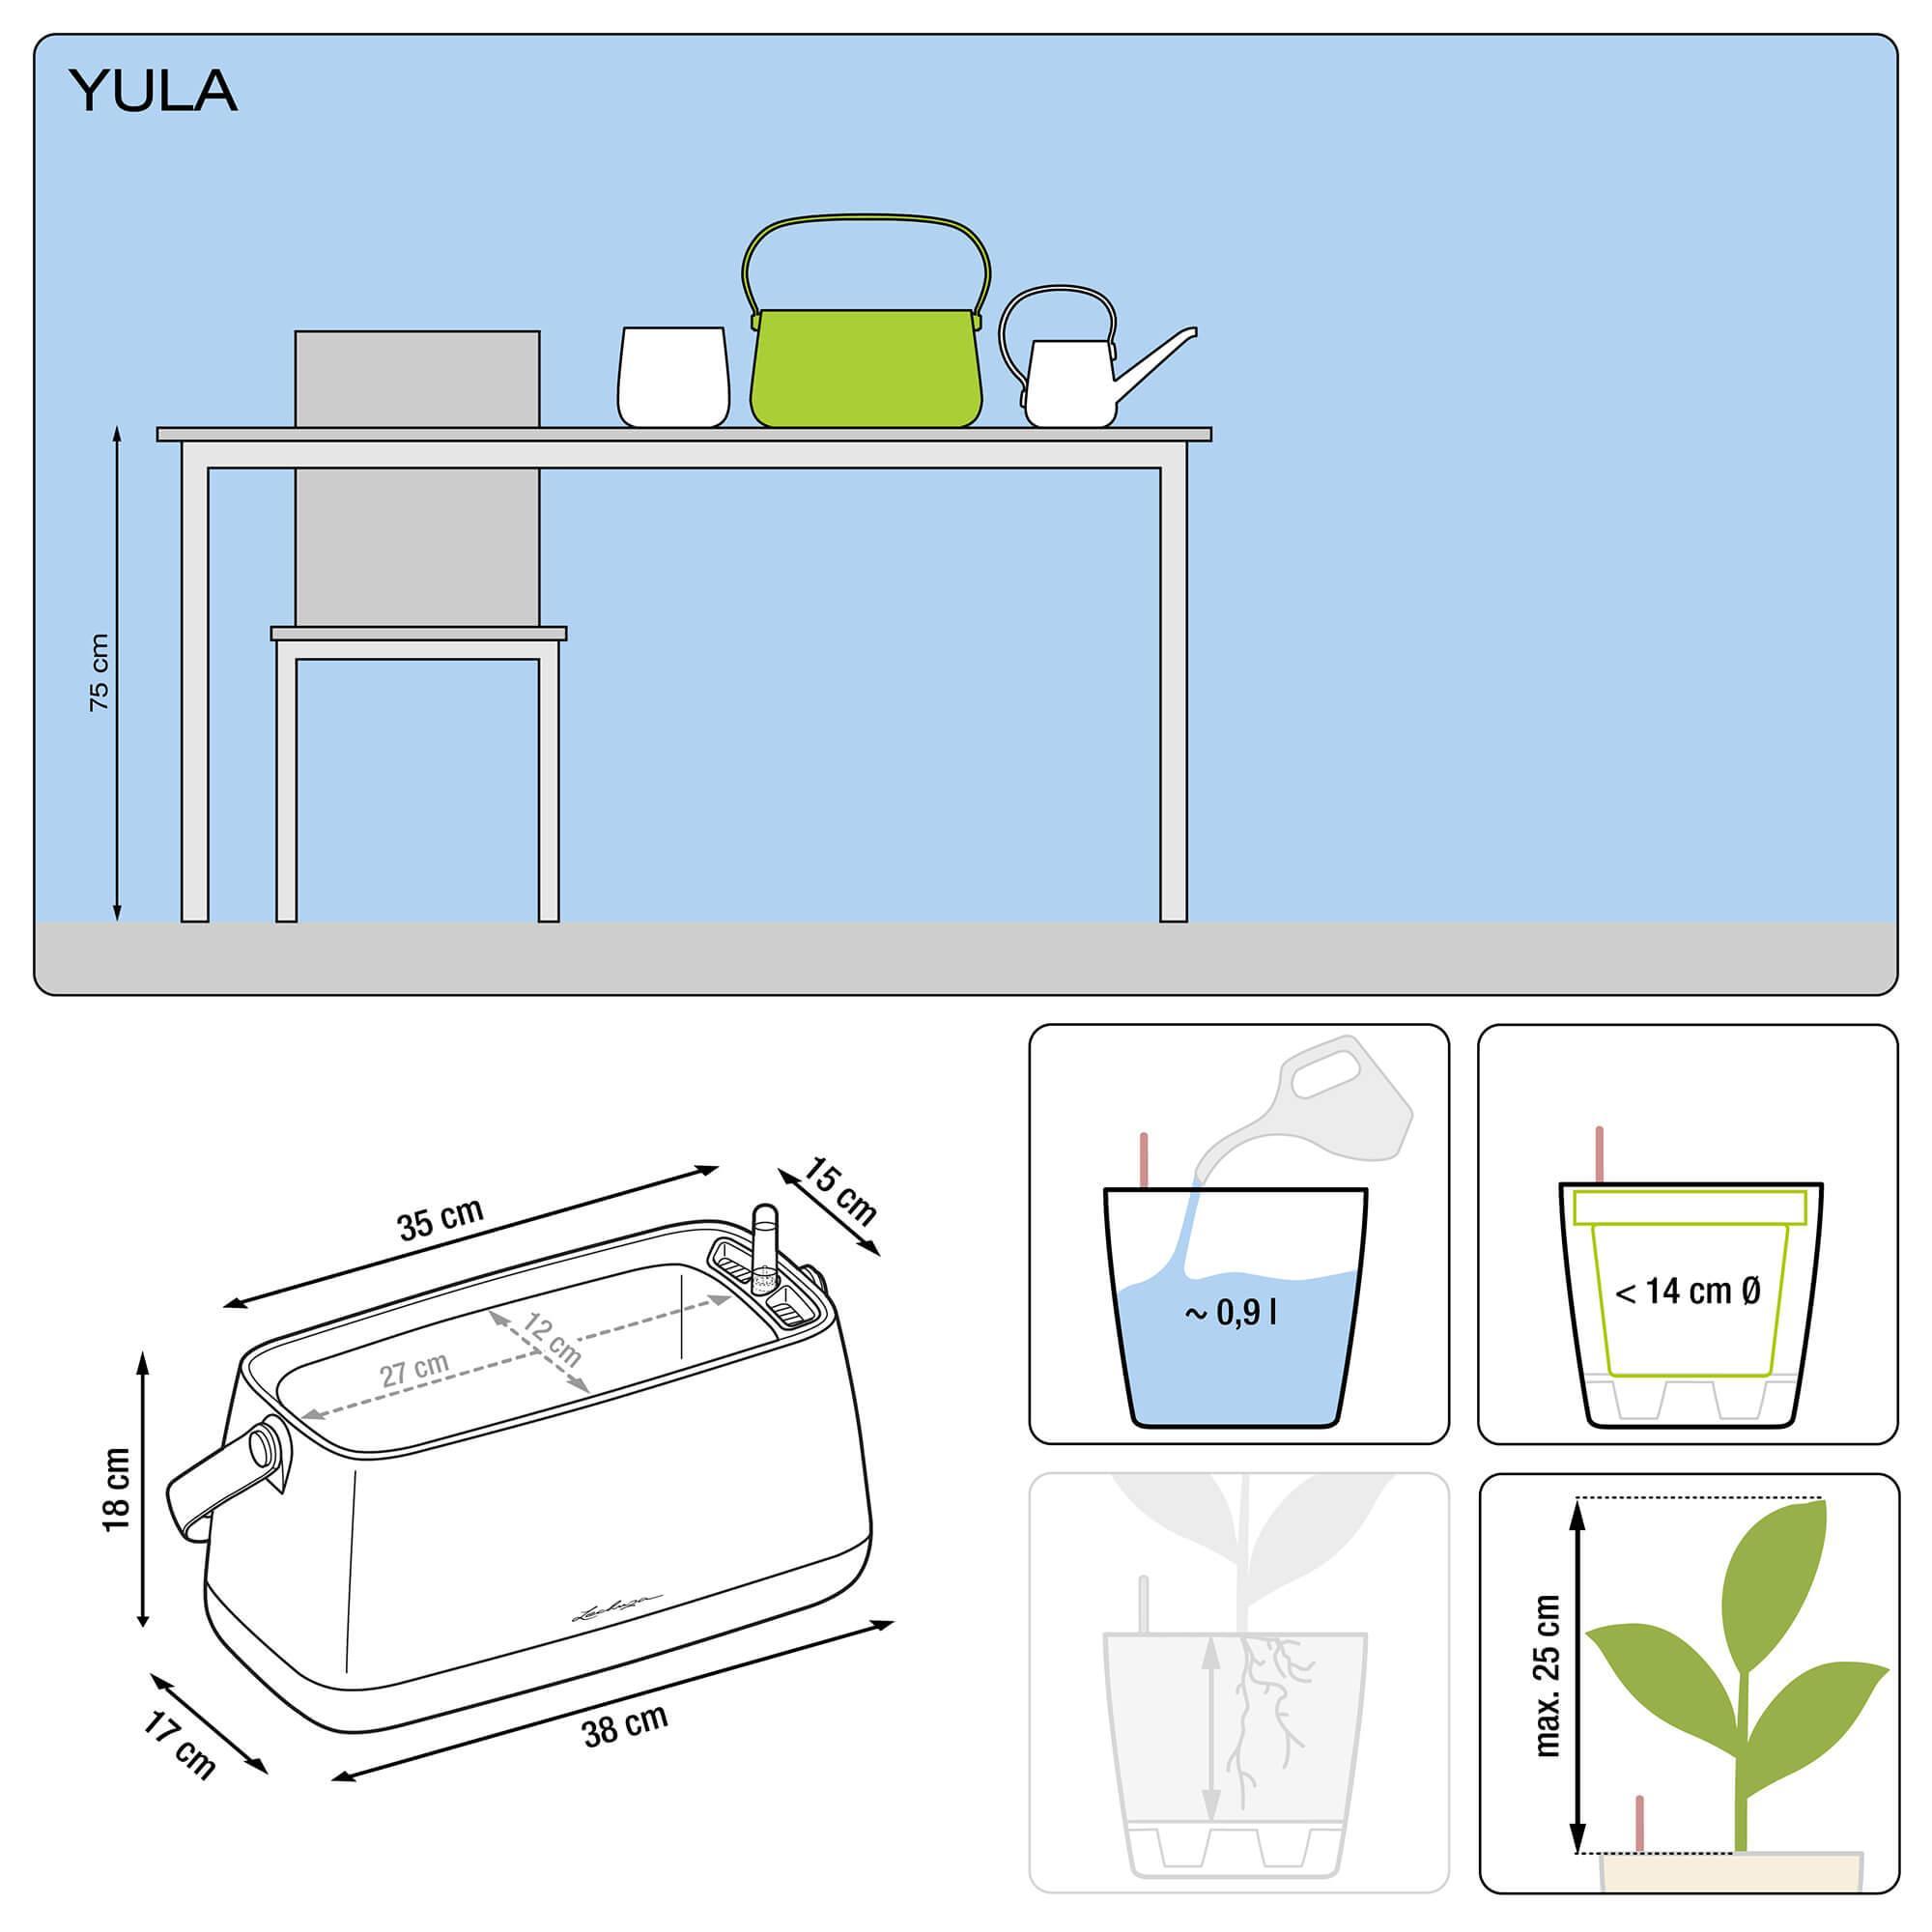 Borsetta per piante YULA bianco/grigio semi opache - Immagine 2